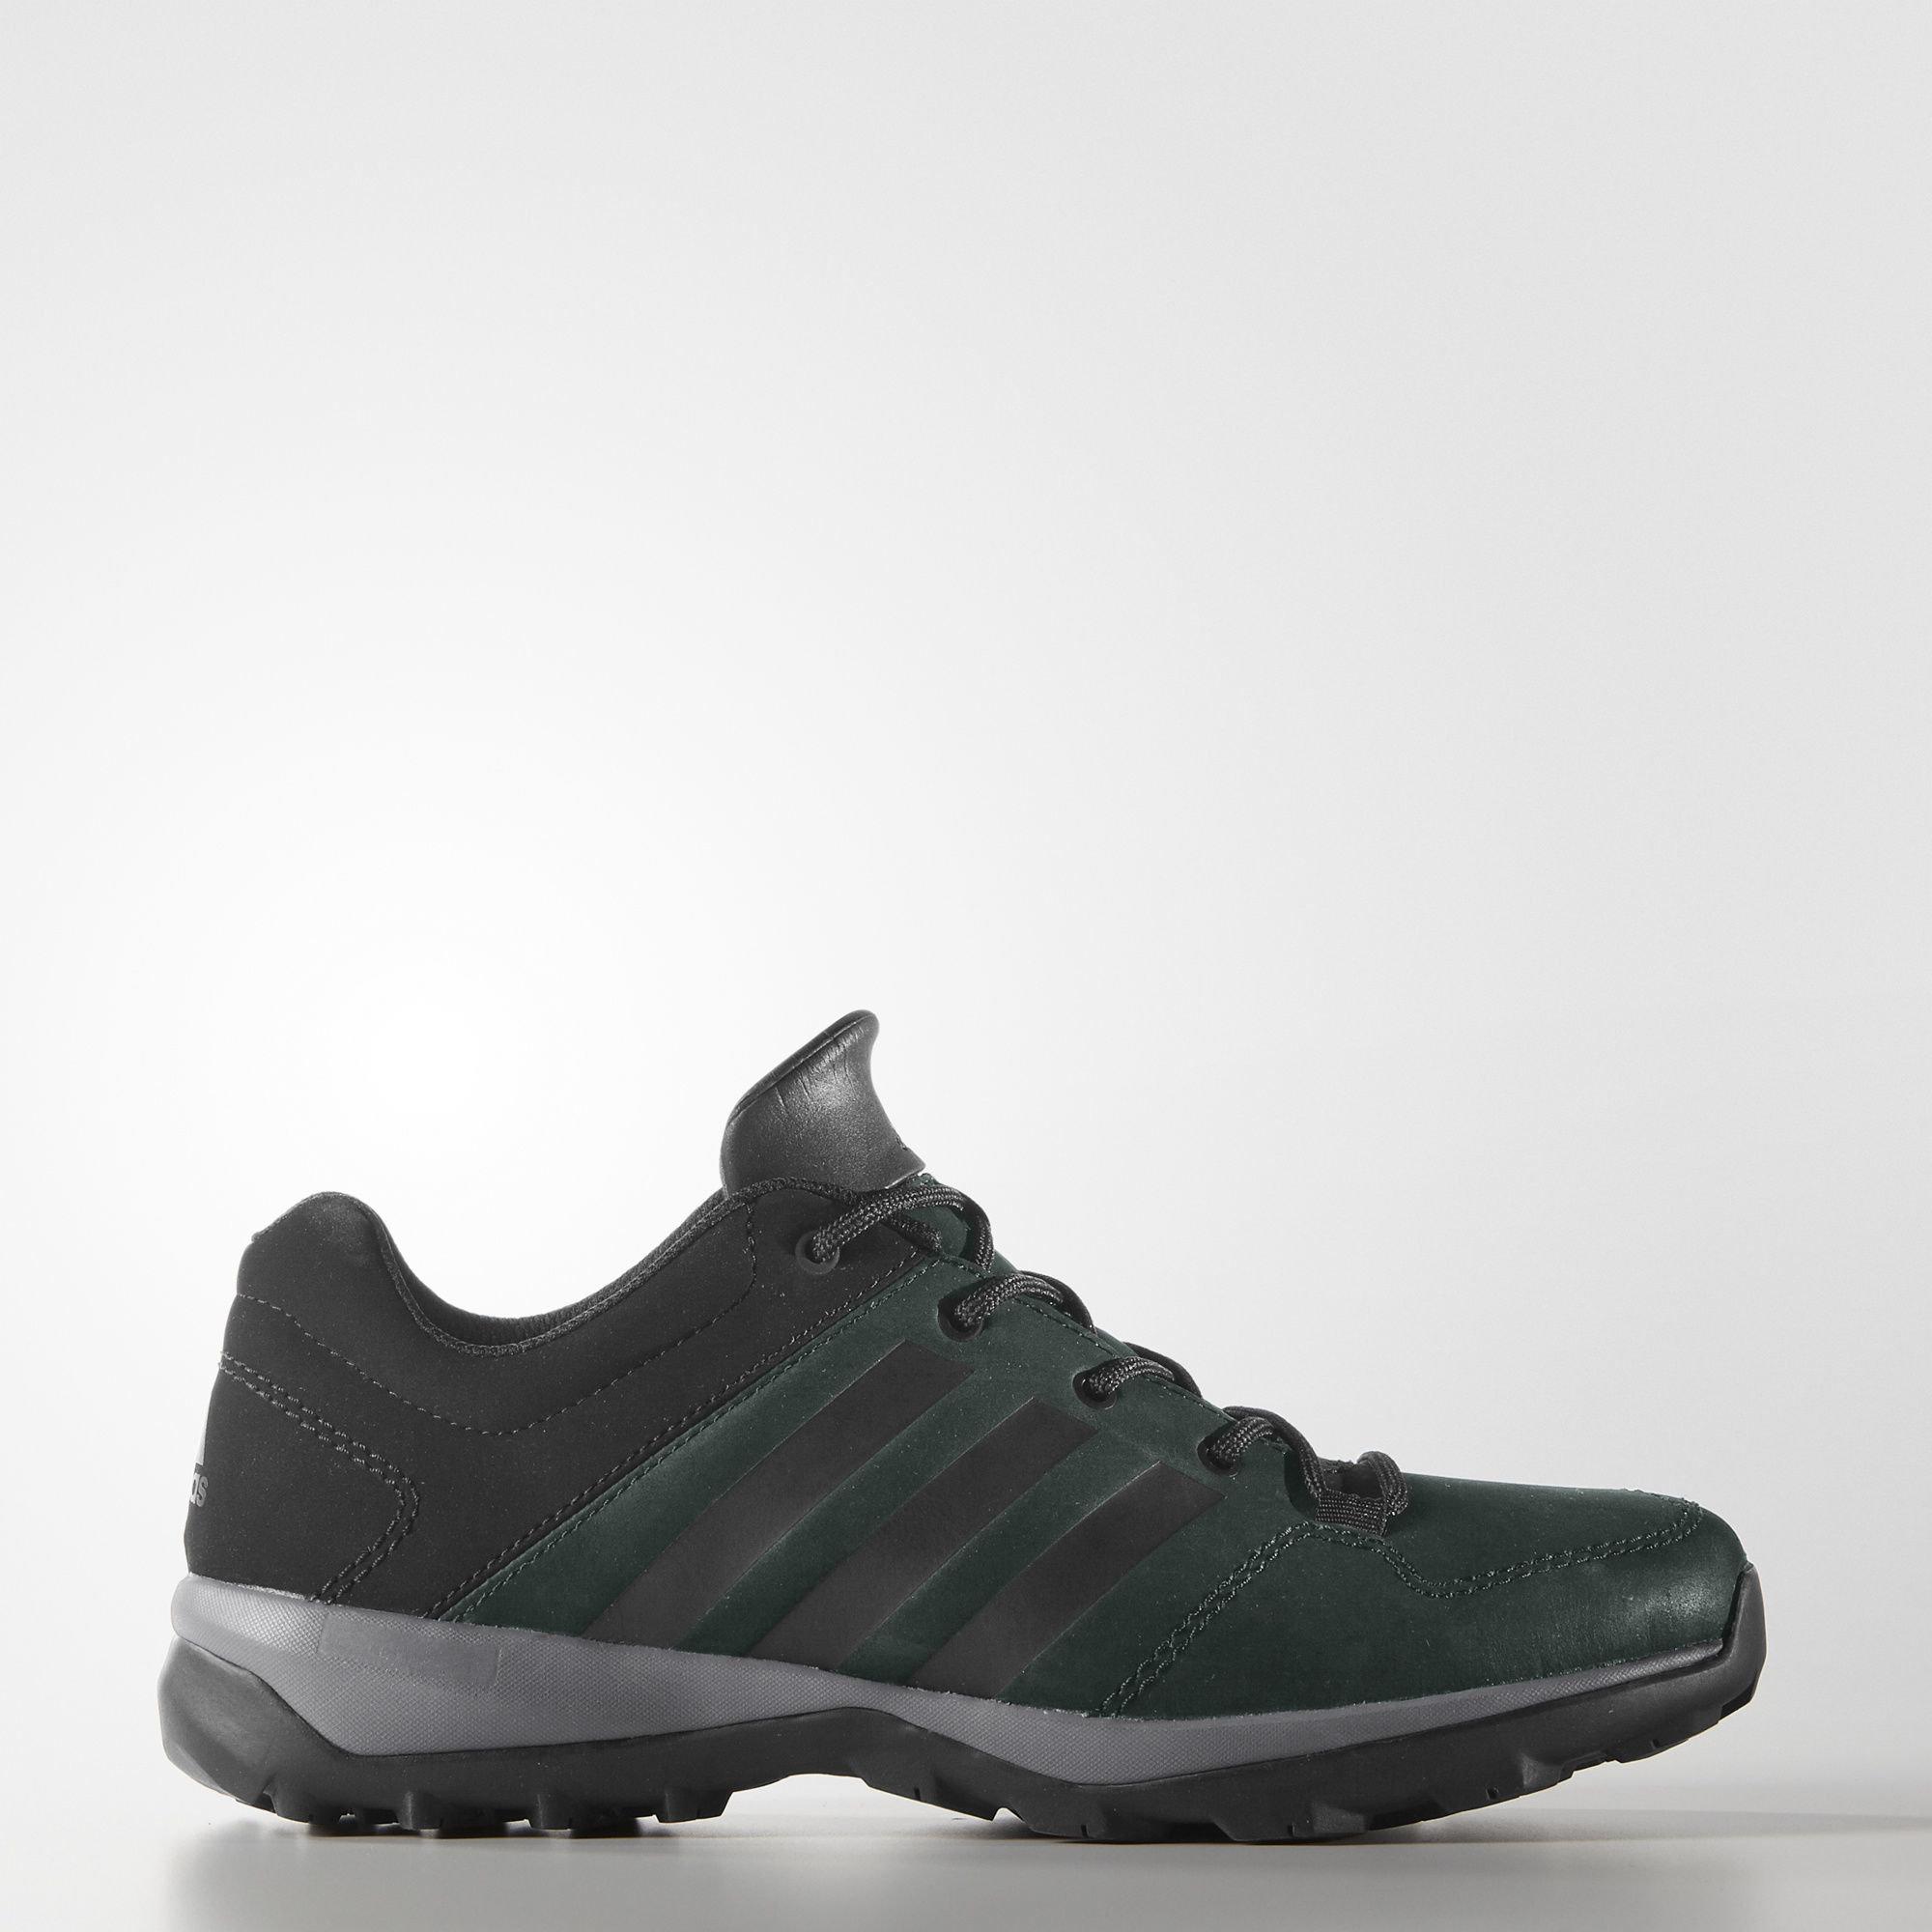 Обувь для активного отдыха Daroga Plus adidas TERREX Core Black/Granite